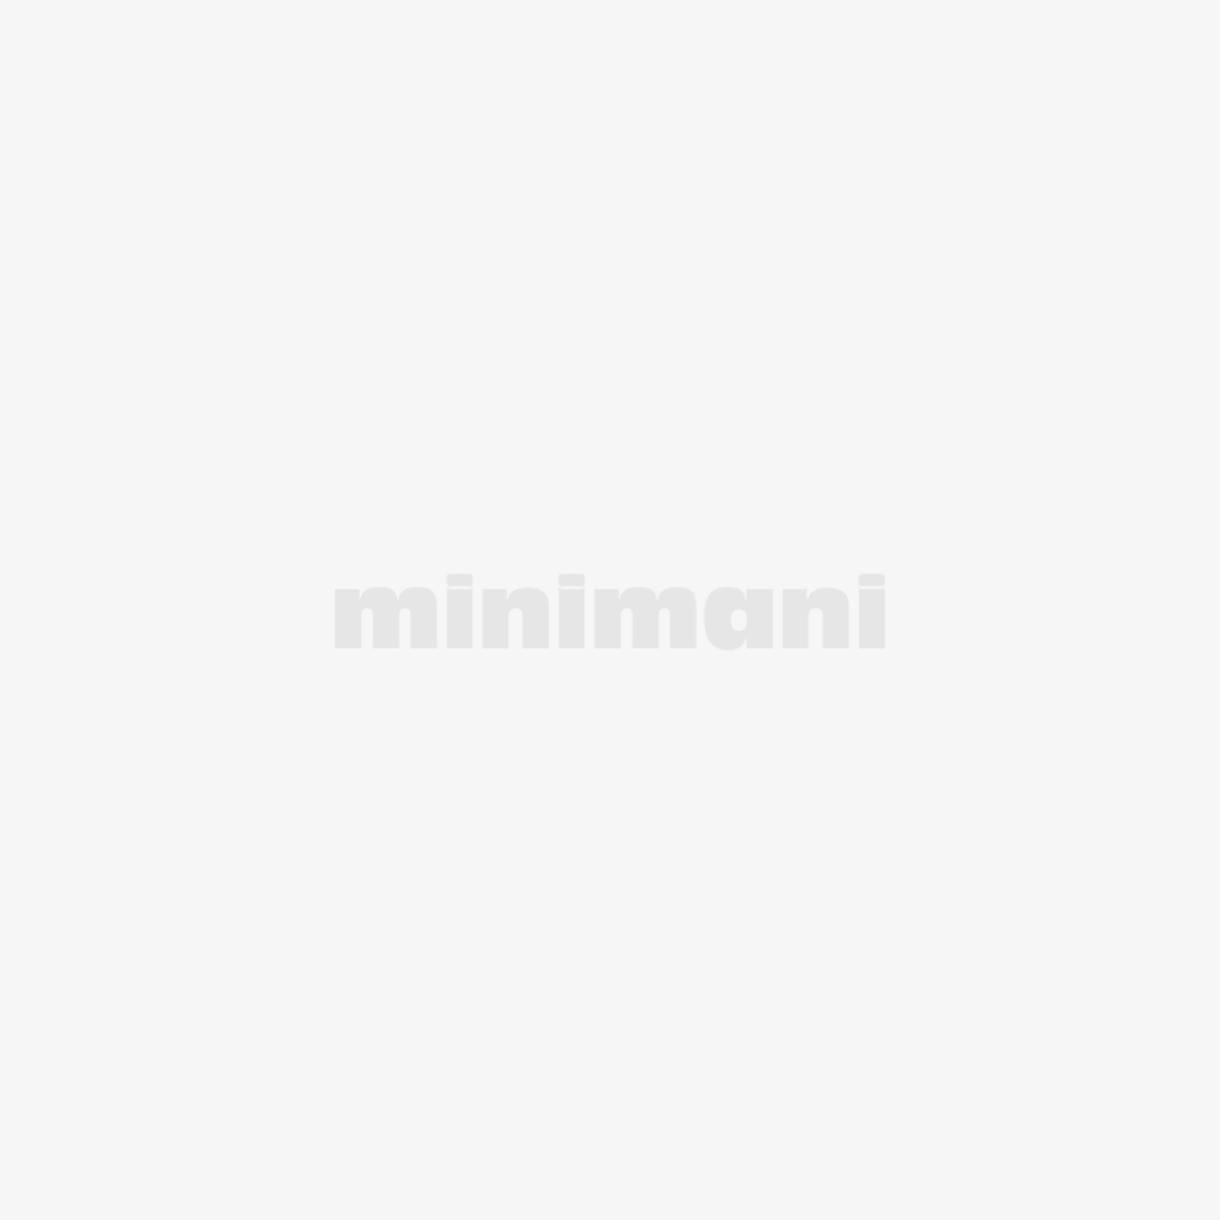 AIRAM LED MAINOSLAMPPU 3,5W E14 250 LM, 2700K, 15 000H